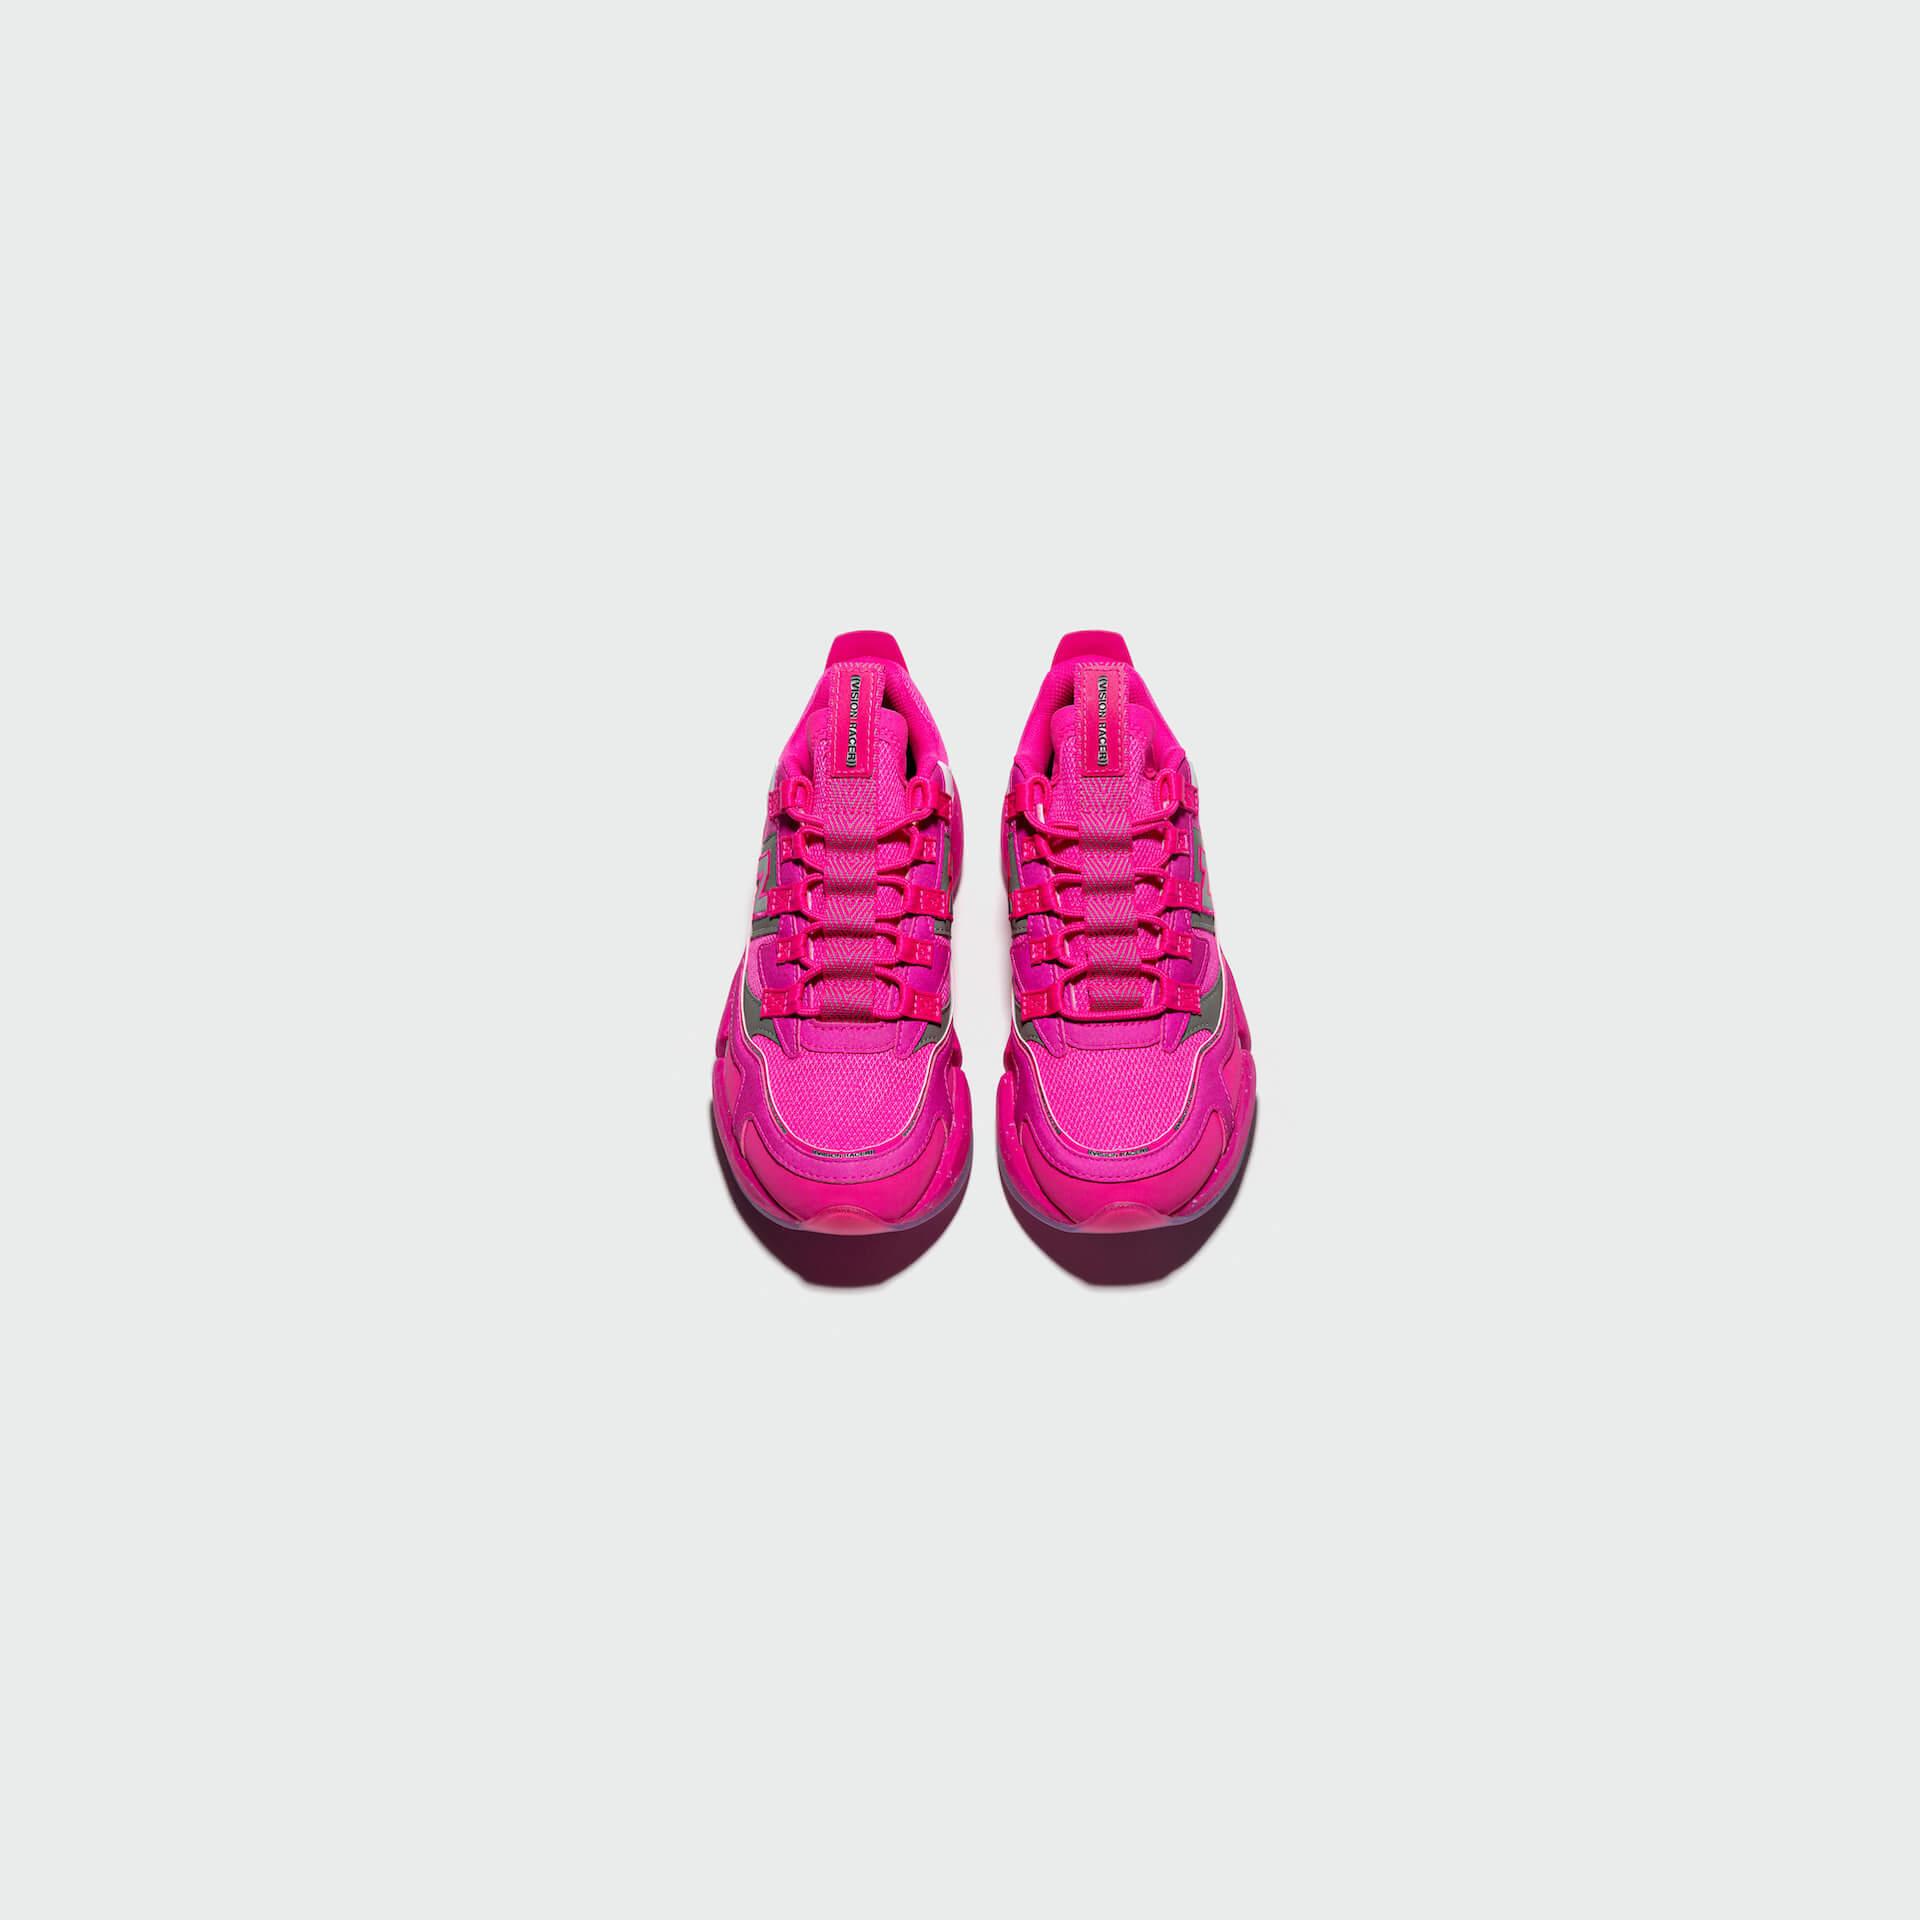 ニューバランスとJaden Smithのコラボモデル「Vision Racer」に鮮やかなピンクが登場! life210514_newbalnce_jaden_7